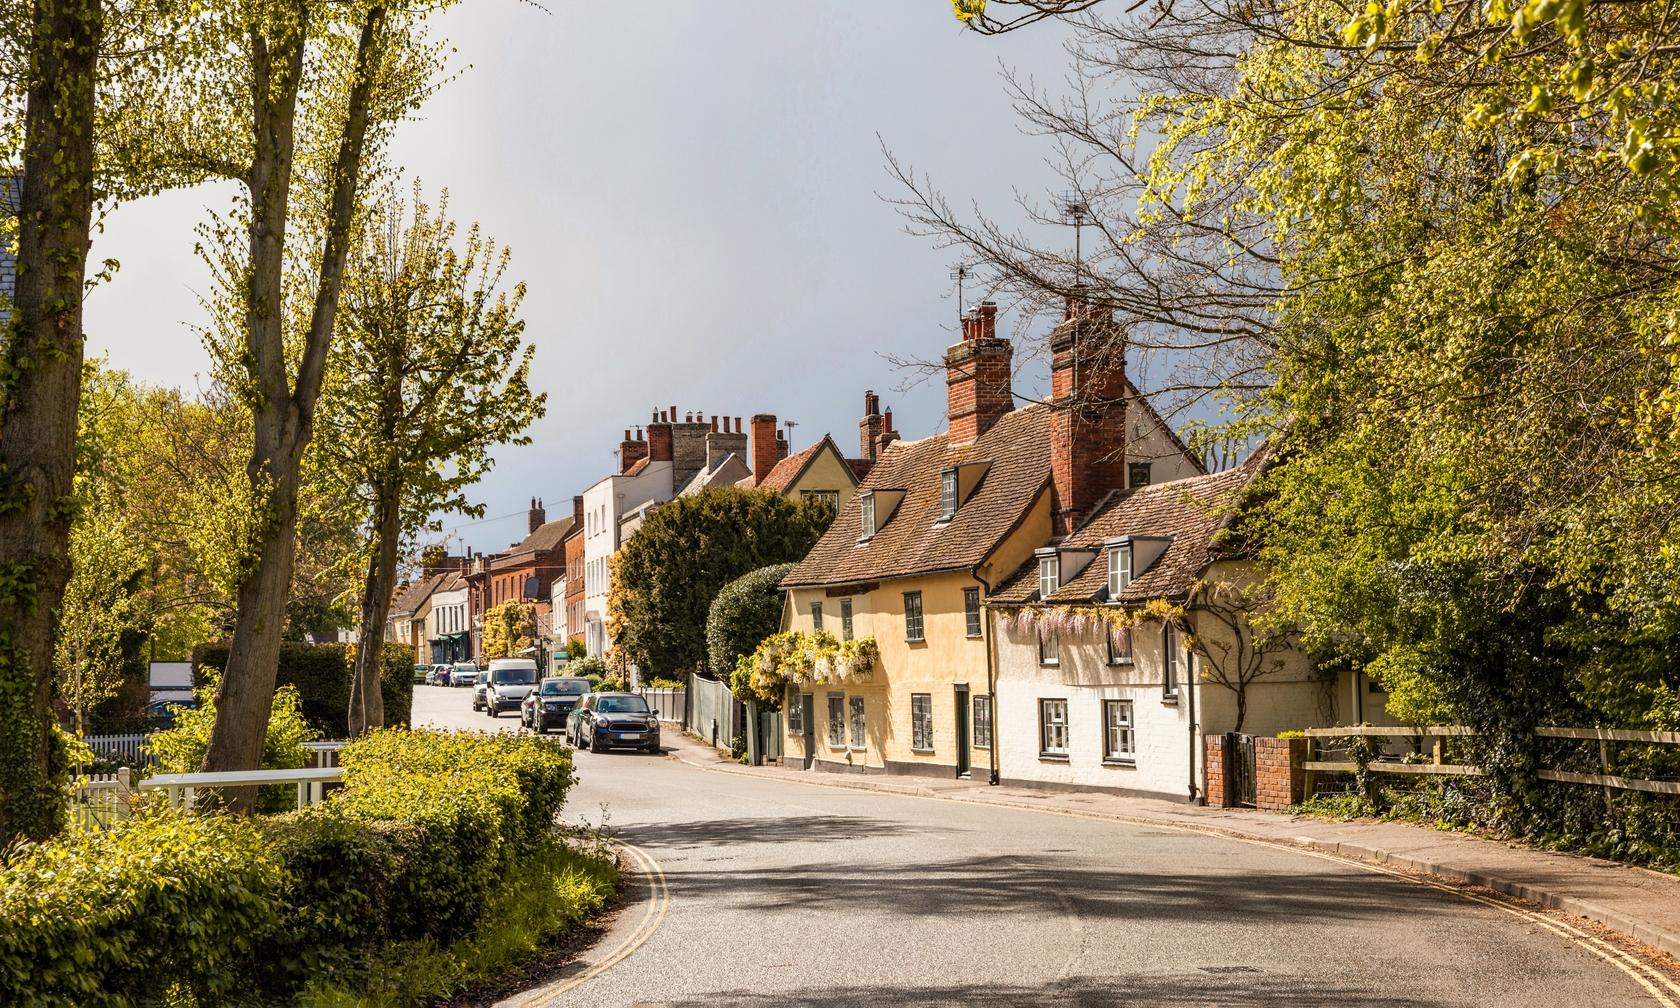 Holiday rentals in Essex